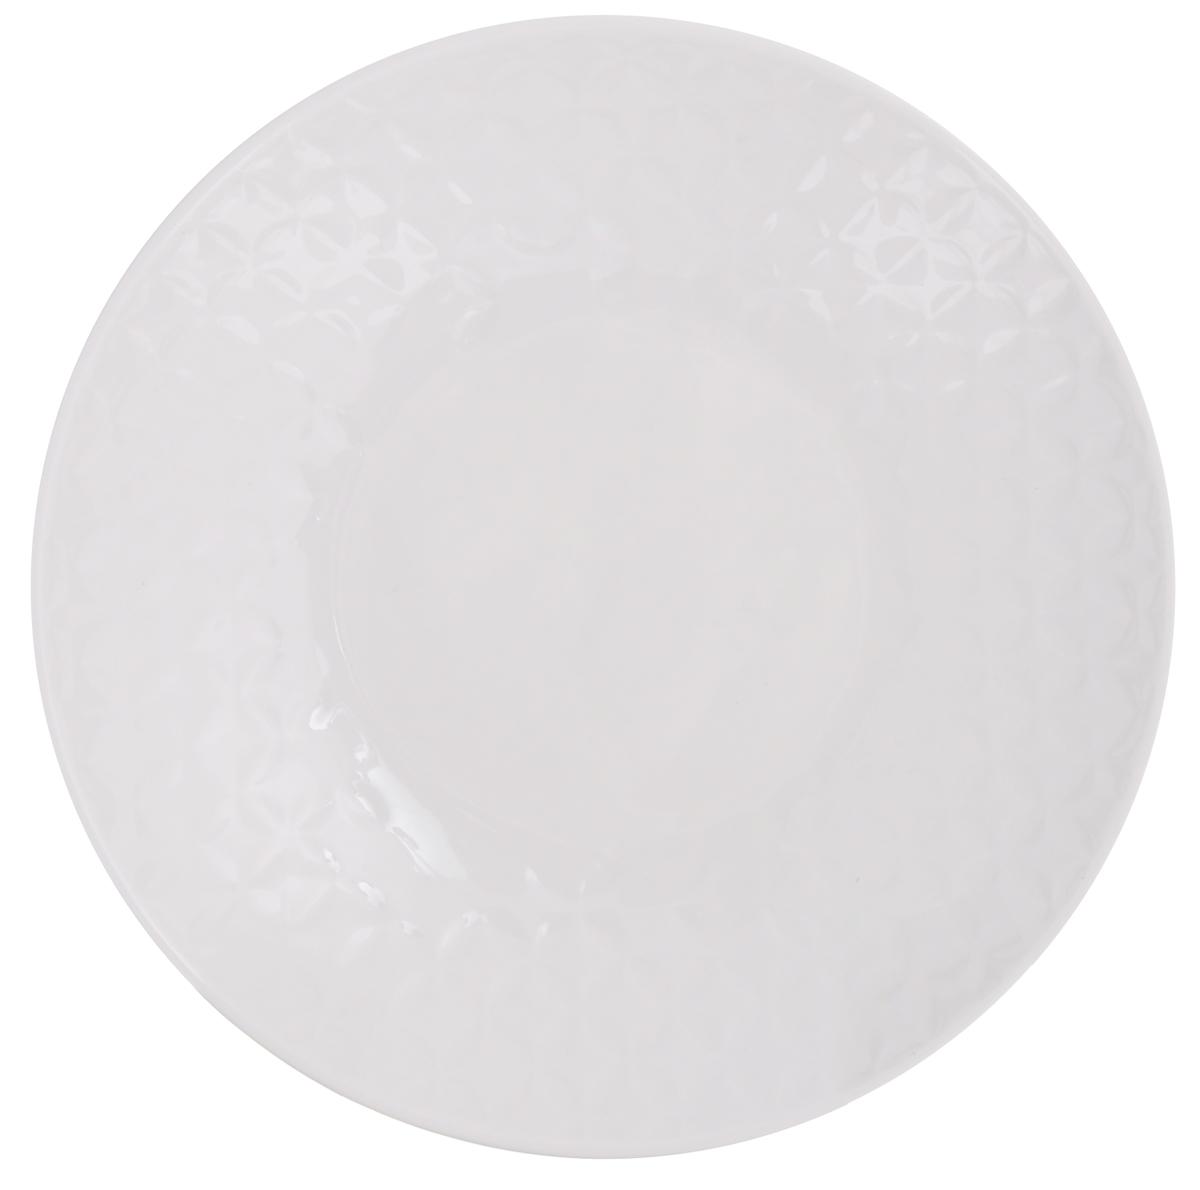 Тарелка суповая Walmer Quincy, цвет: белый, диаметр 21 смW07531021Суповая тарелка Walmer Quincy, выполненная из высококачественного фарфора, декорирована рельефным орнаментом. Изящный дизайн придется по вкусу и ценителям классики, и тем, кто предпочитает утонченность. Суповая тарелка Walmer Quincy идеально подойдет для сервировки стола и станет отличным подарком к любому празднику. Можно использовать в микроволновой печи и мыть в посудомоечных машинах. Диаметр тарелки (по верхнему краю): 21 см. Высота стенки: 4 см.